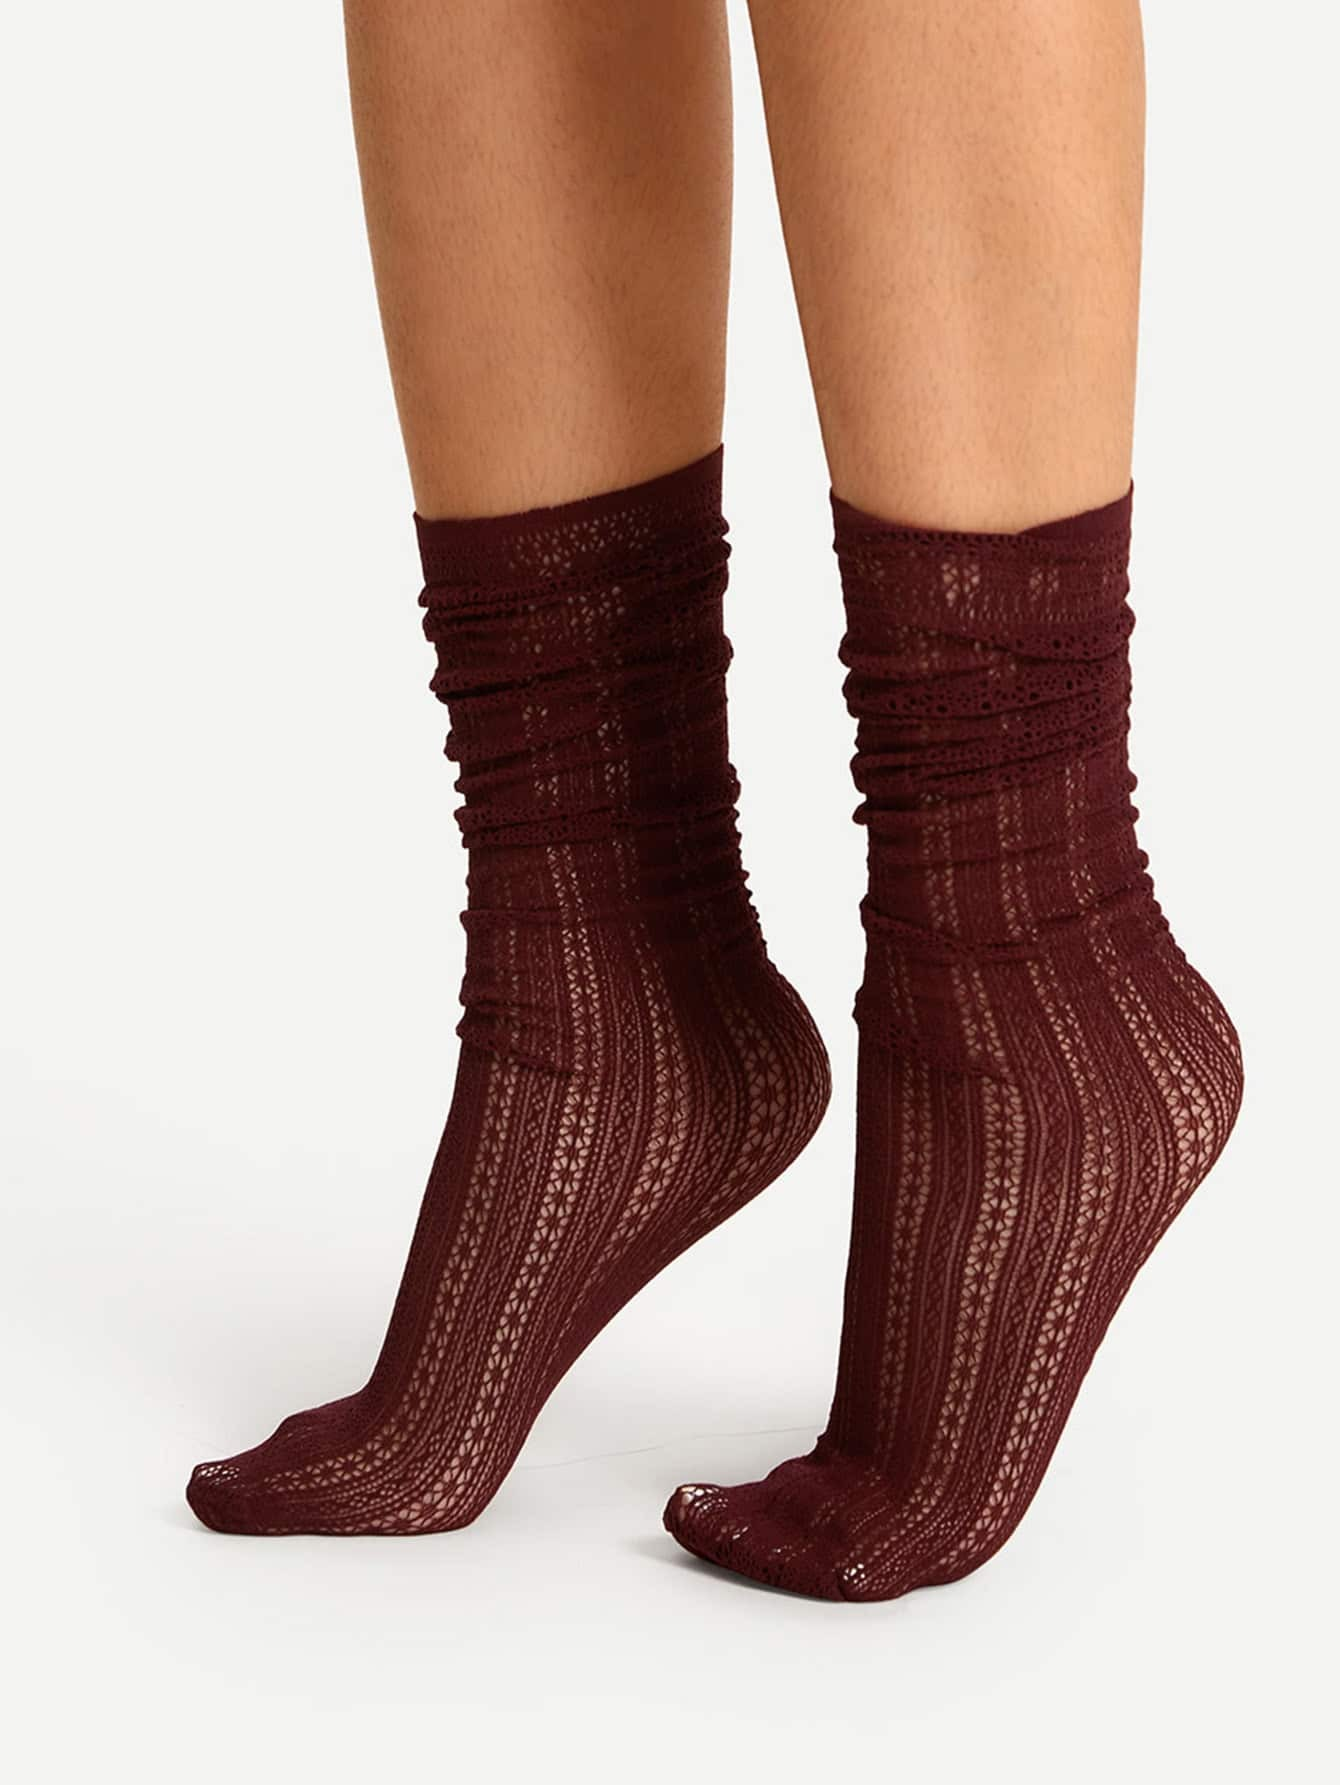 Cut Out Calf Length Socks